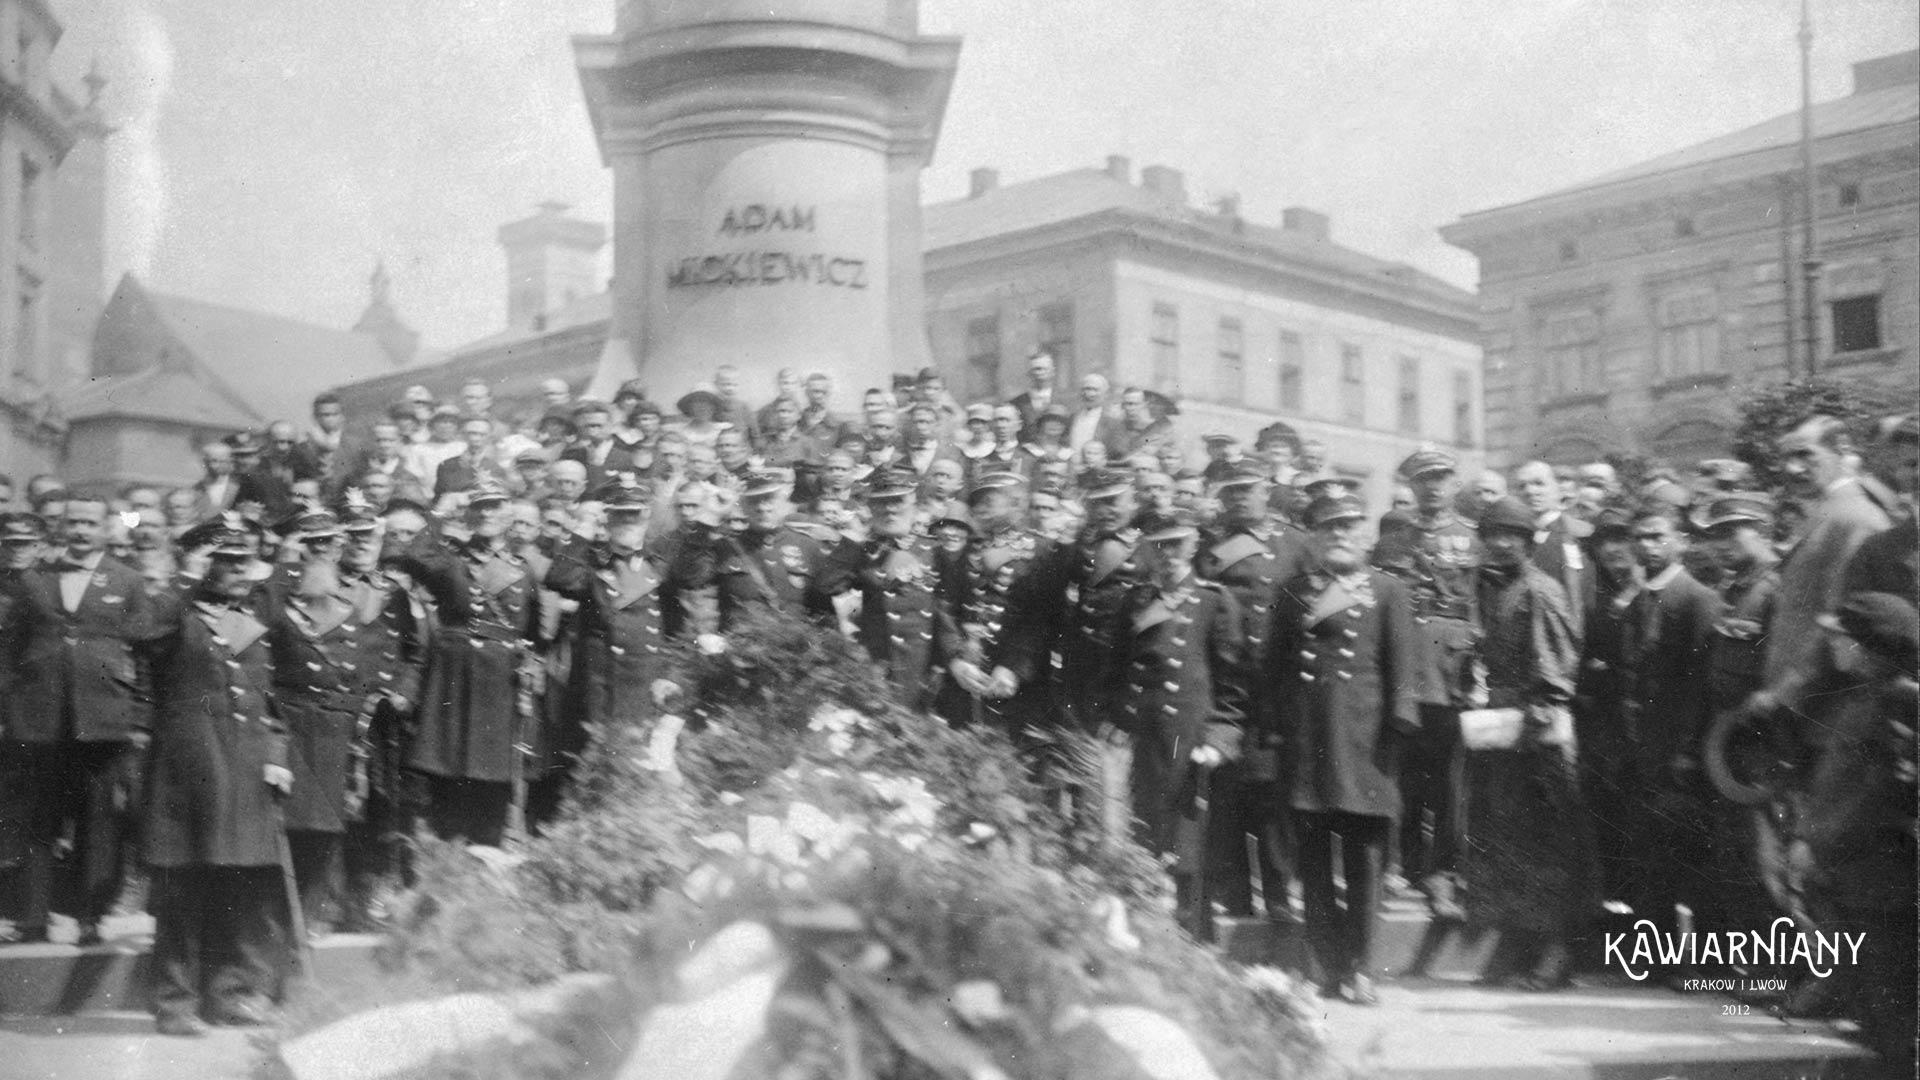 Lwów, Virtutu Militari